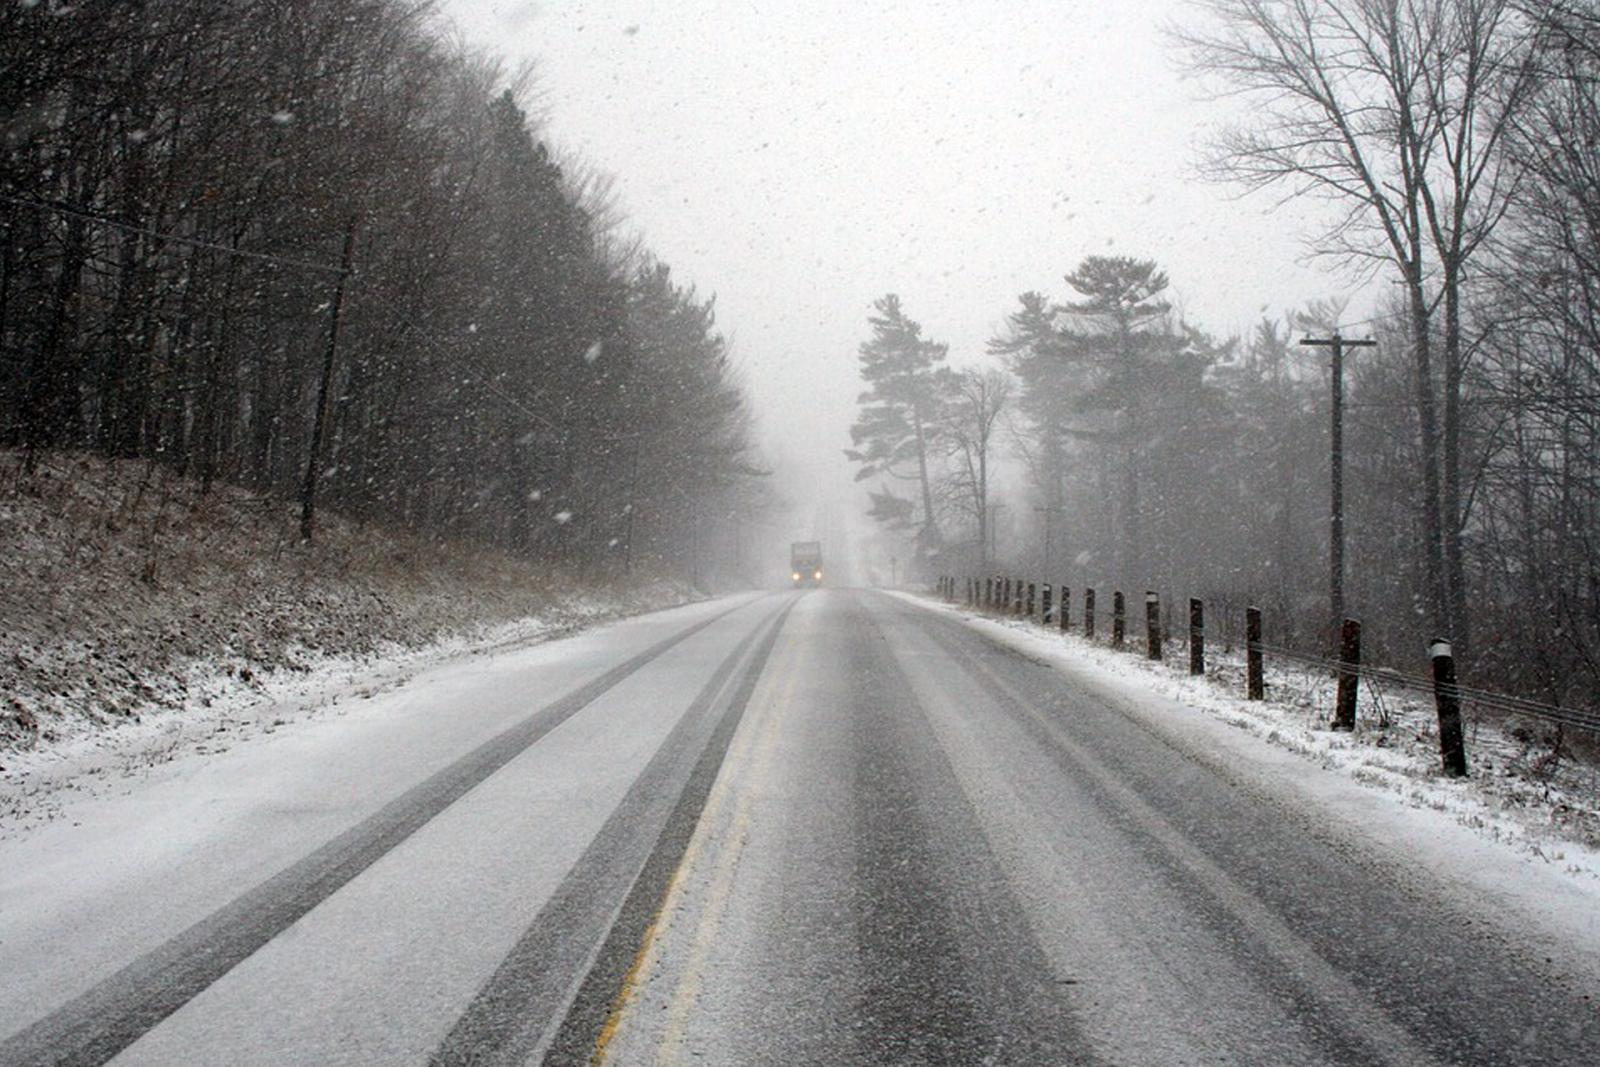 В Брянской области 8 апреля прогнозируют дождь, мокрый снег и ветер